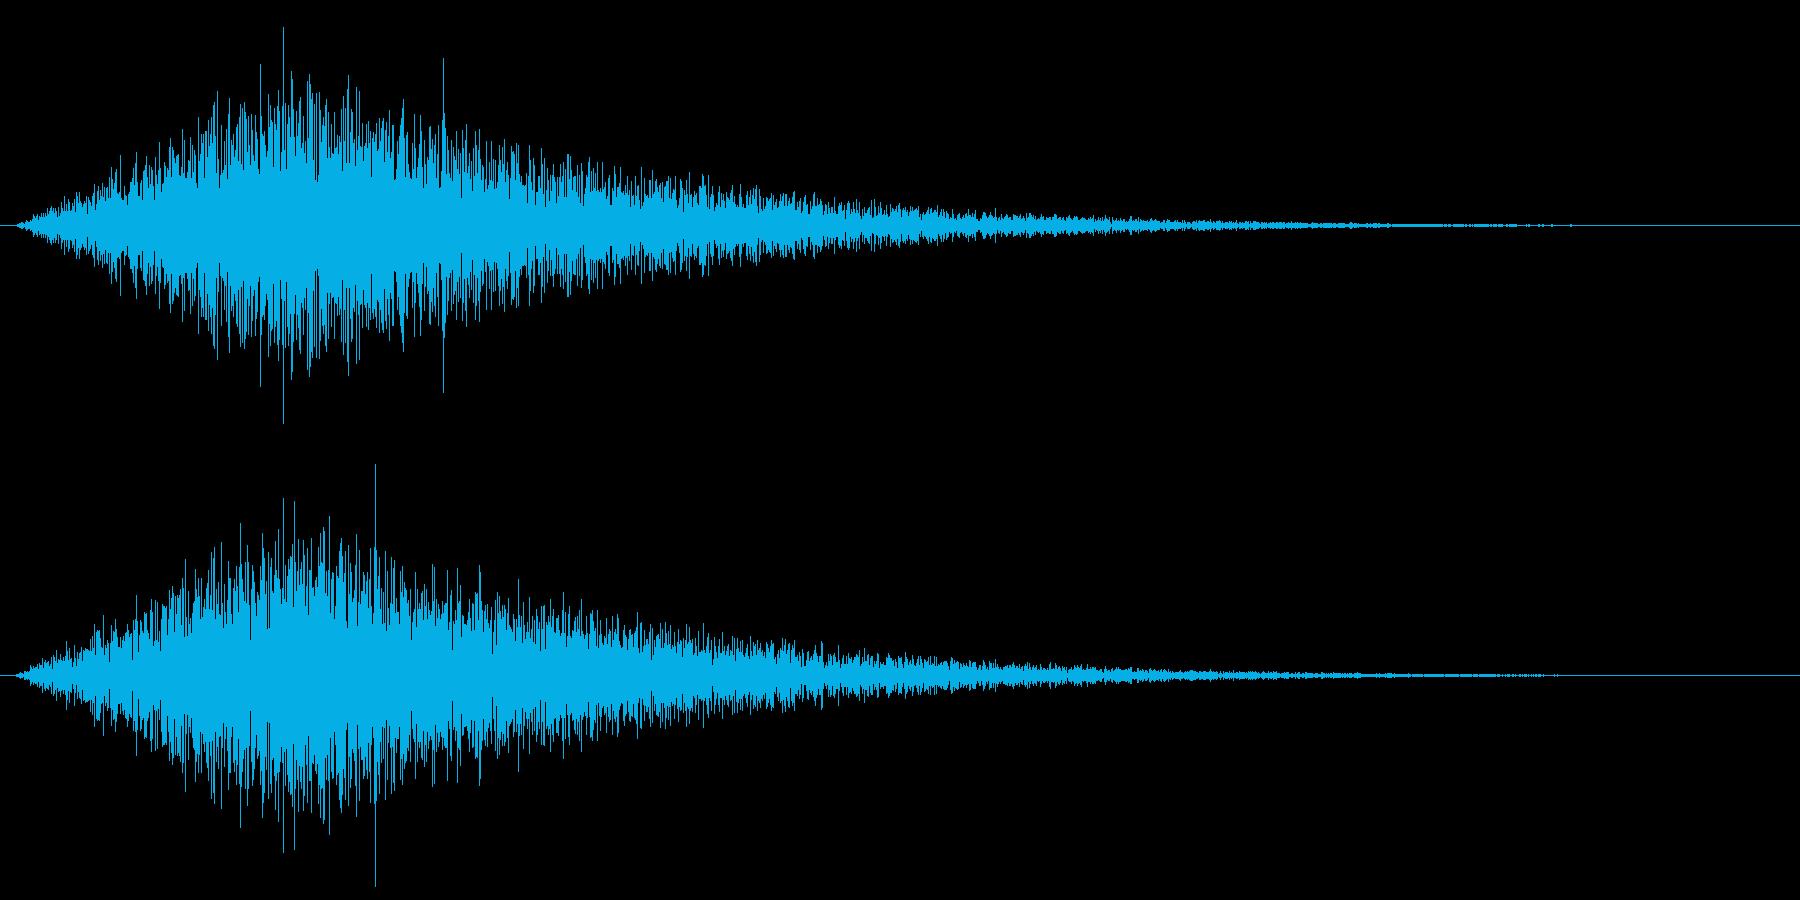 ザザーン、という波の音ですの再生済みの波形